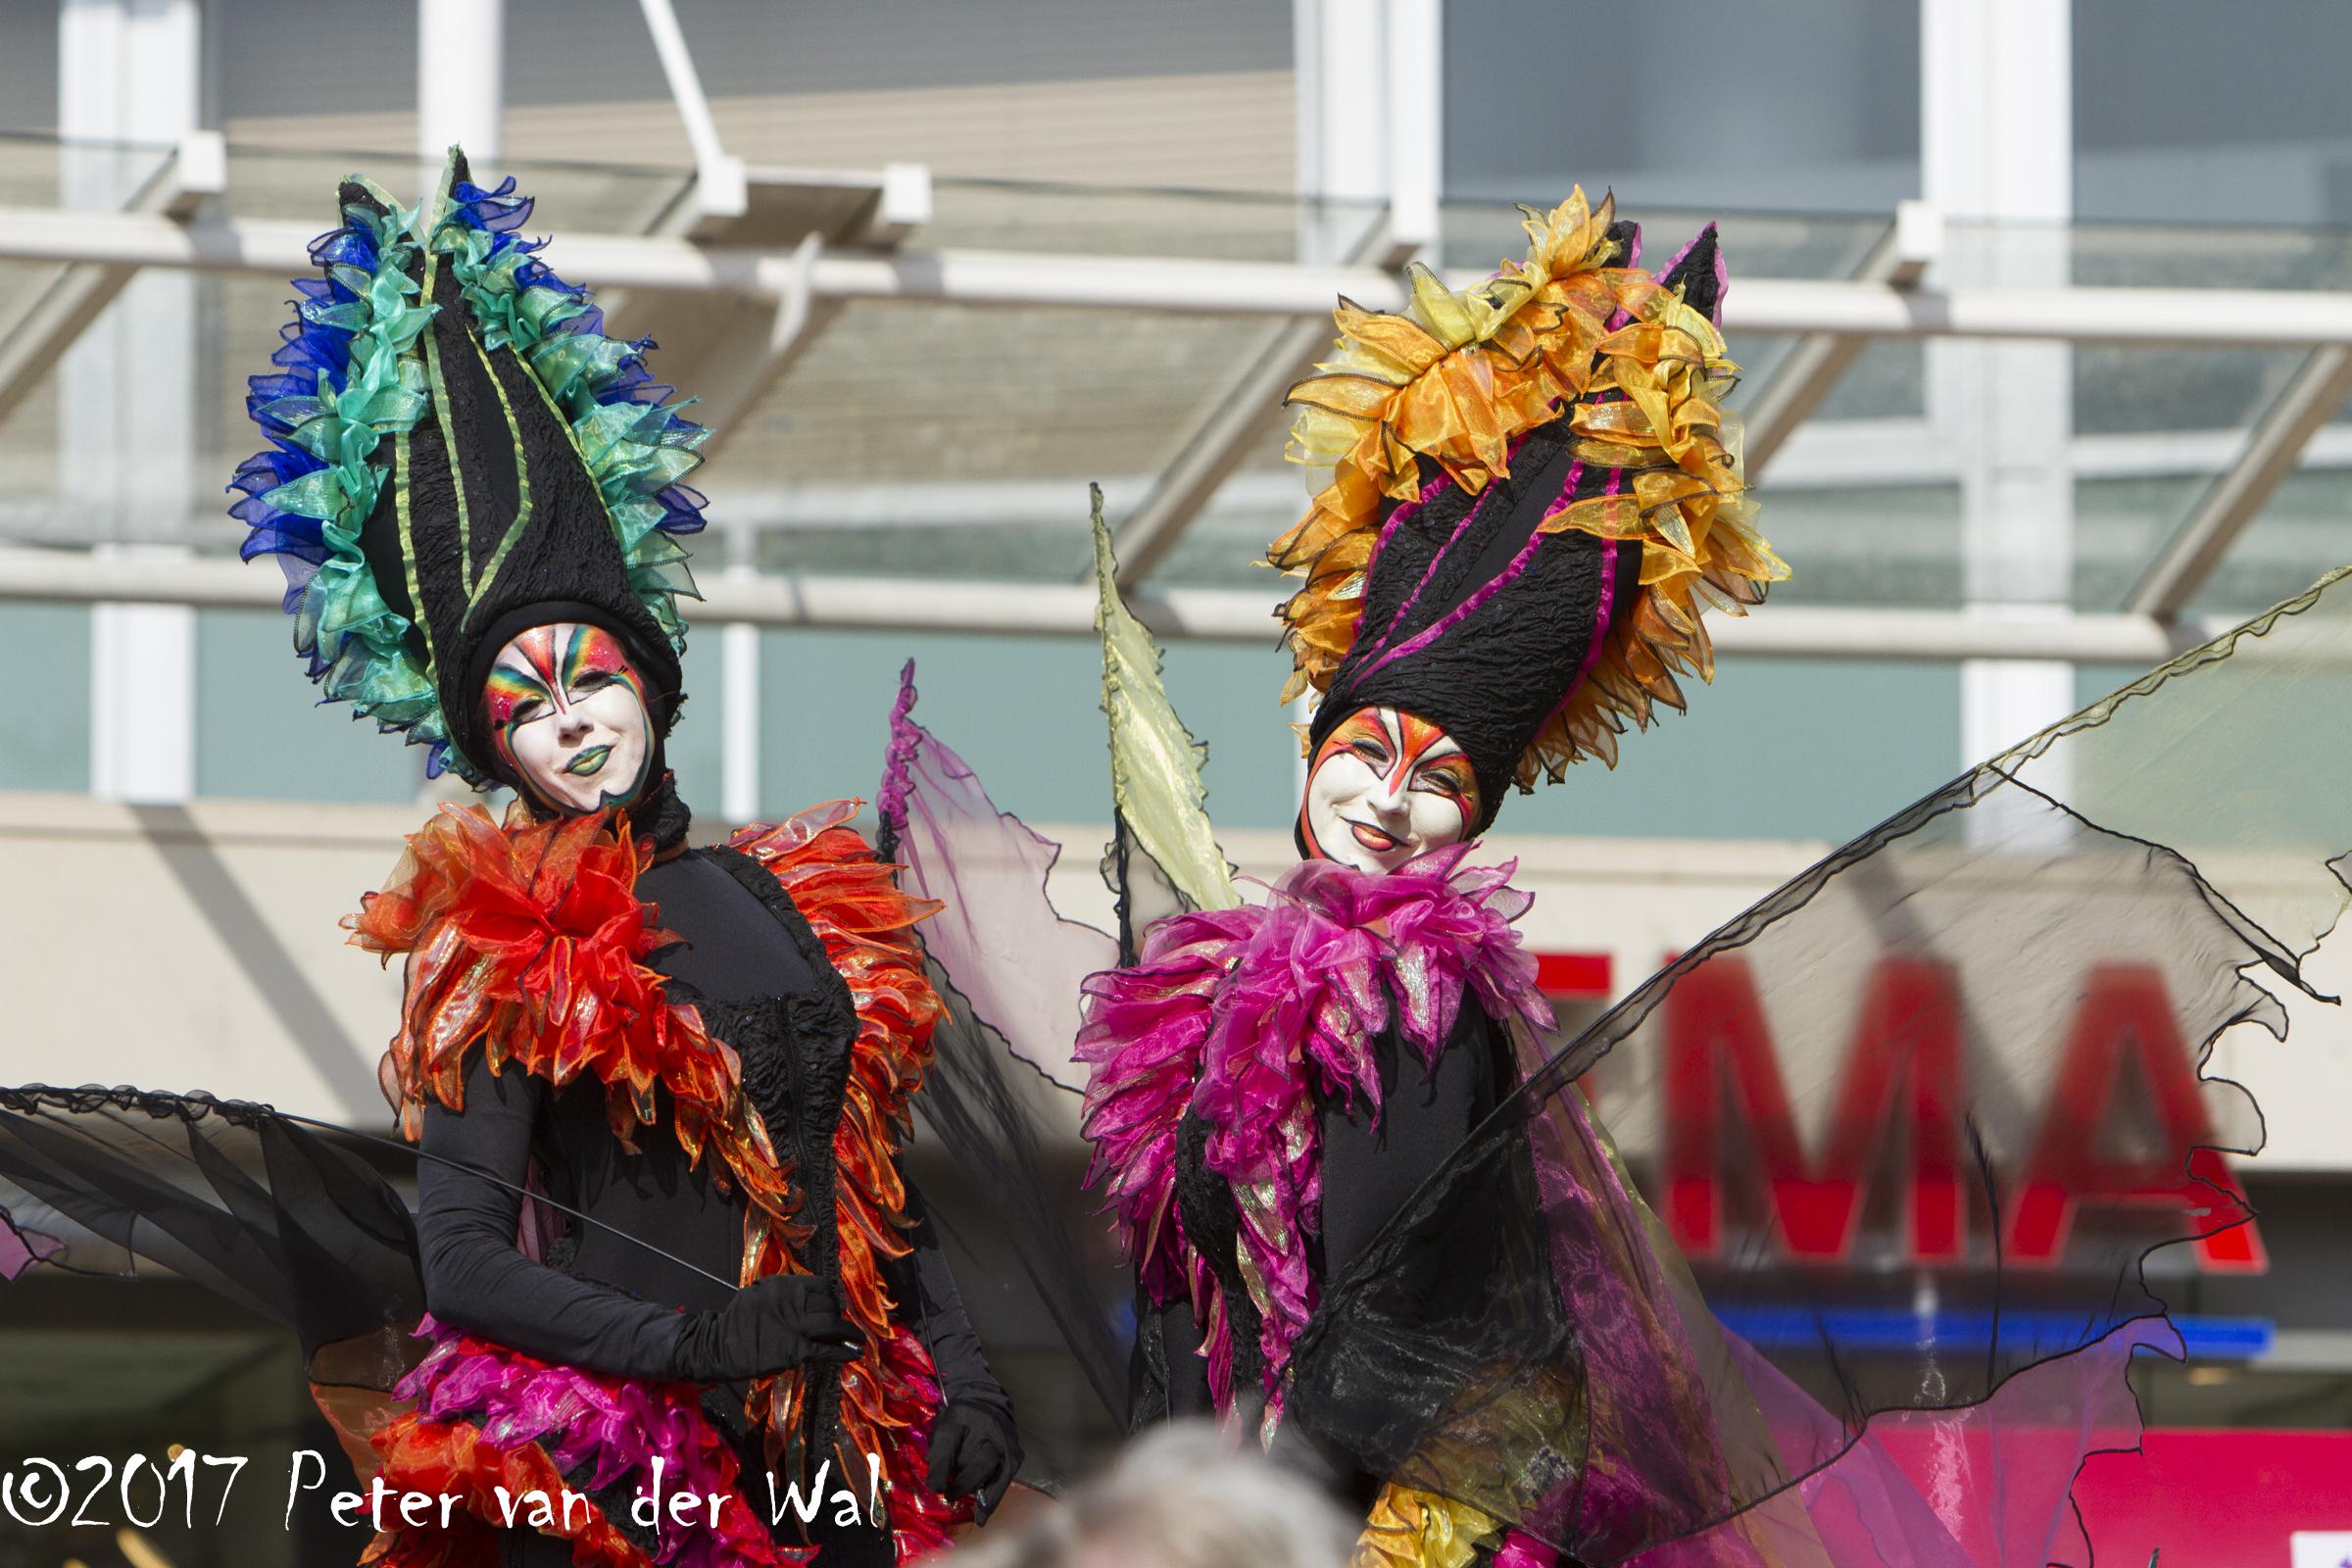 voorburg--2017-a9photo-impressions.nl-2843-van-9929